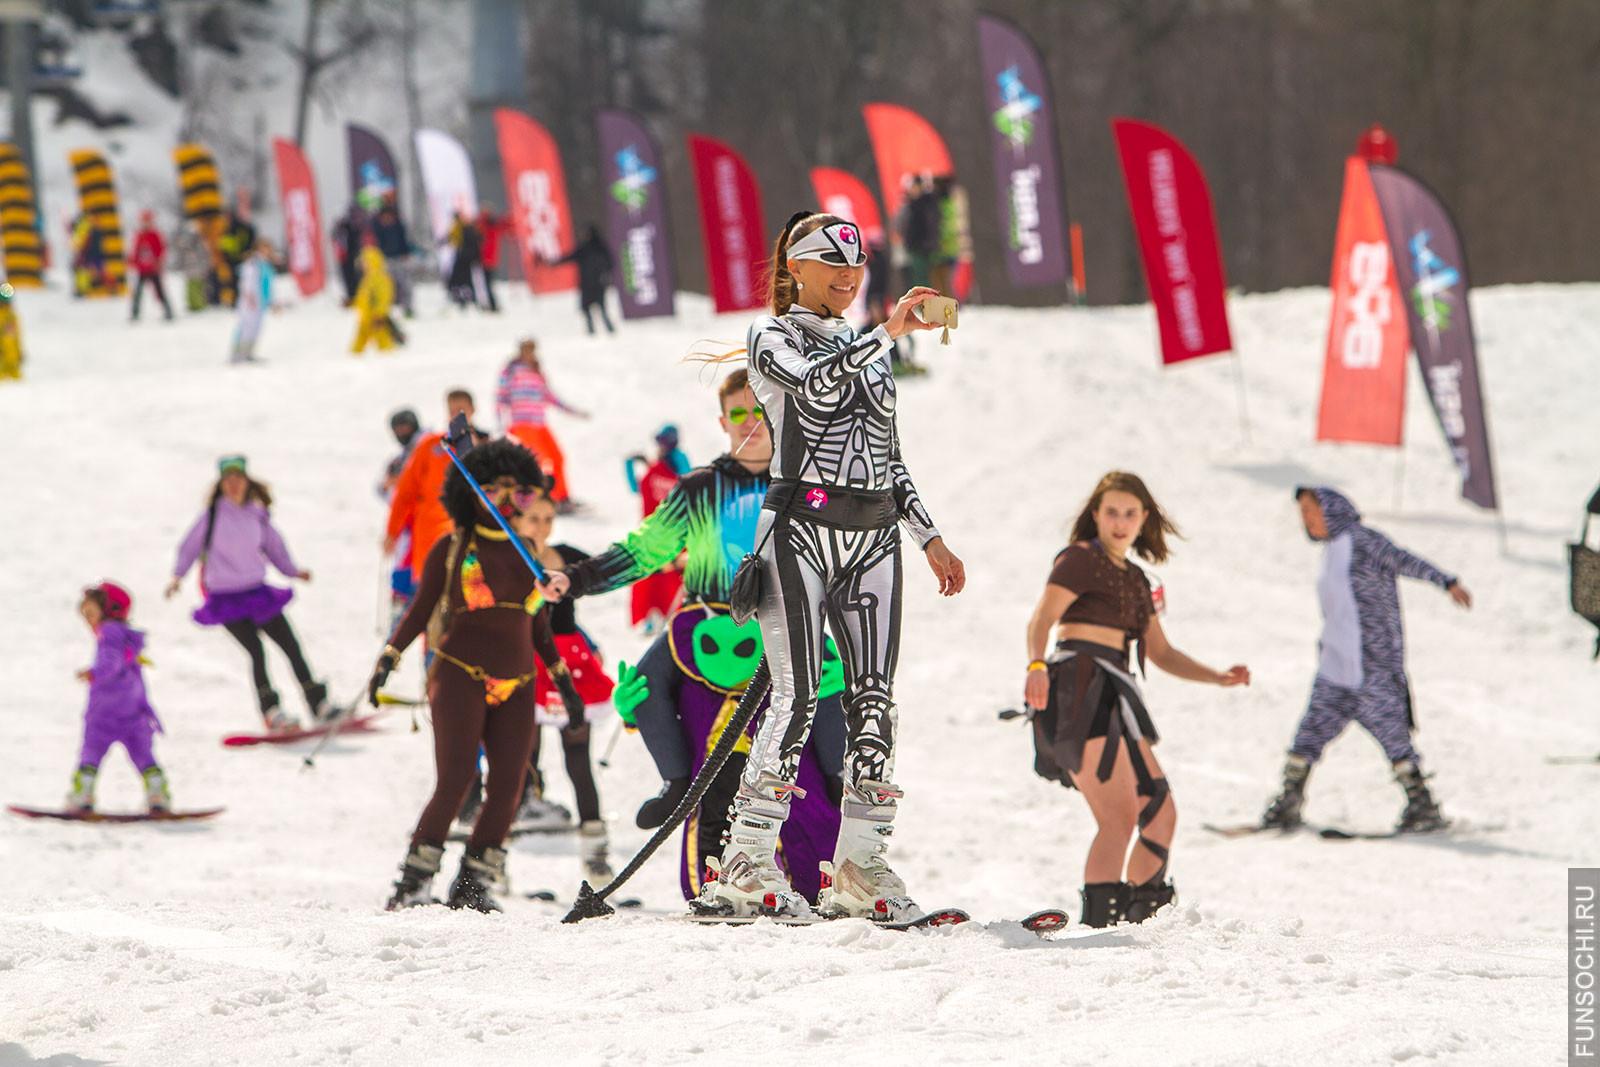 Boogel Woogel спуск в карнавальных костюмах фото